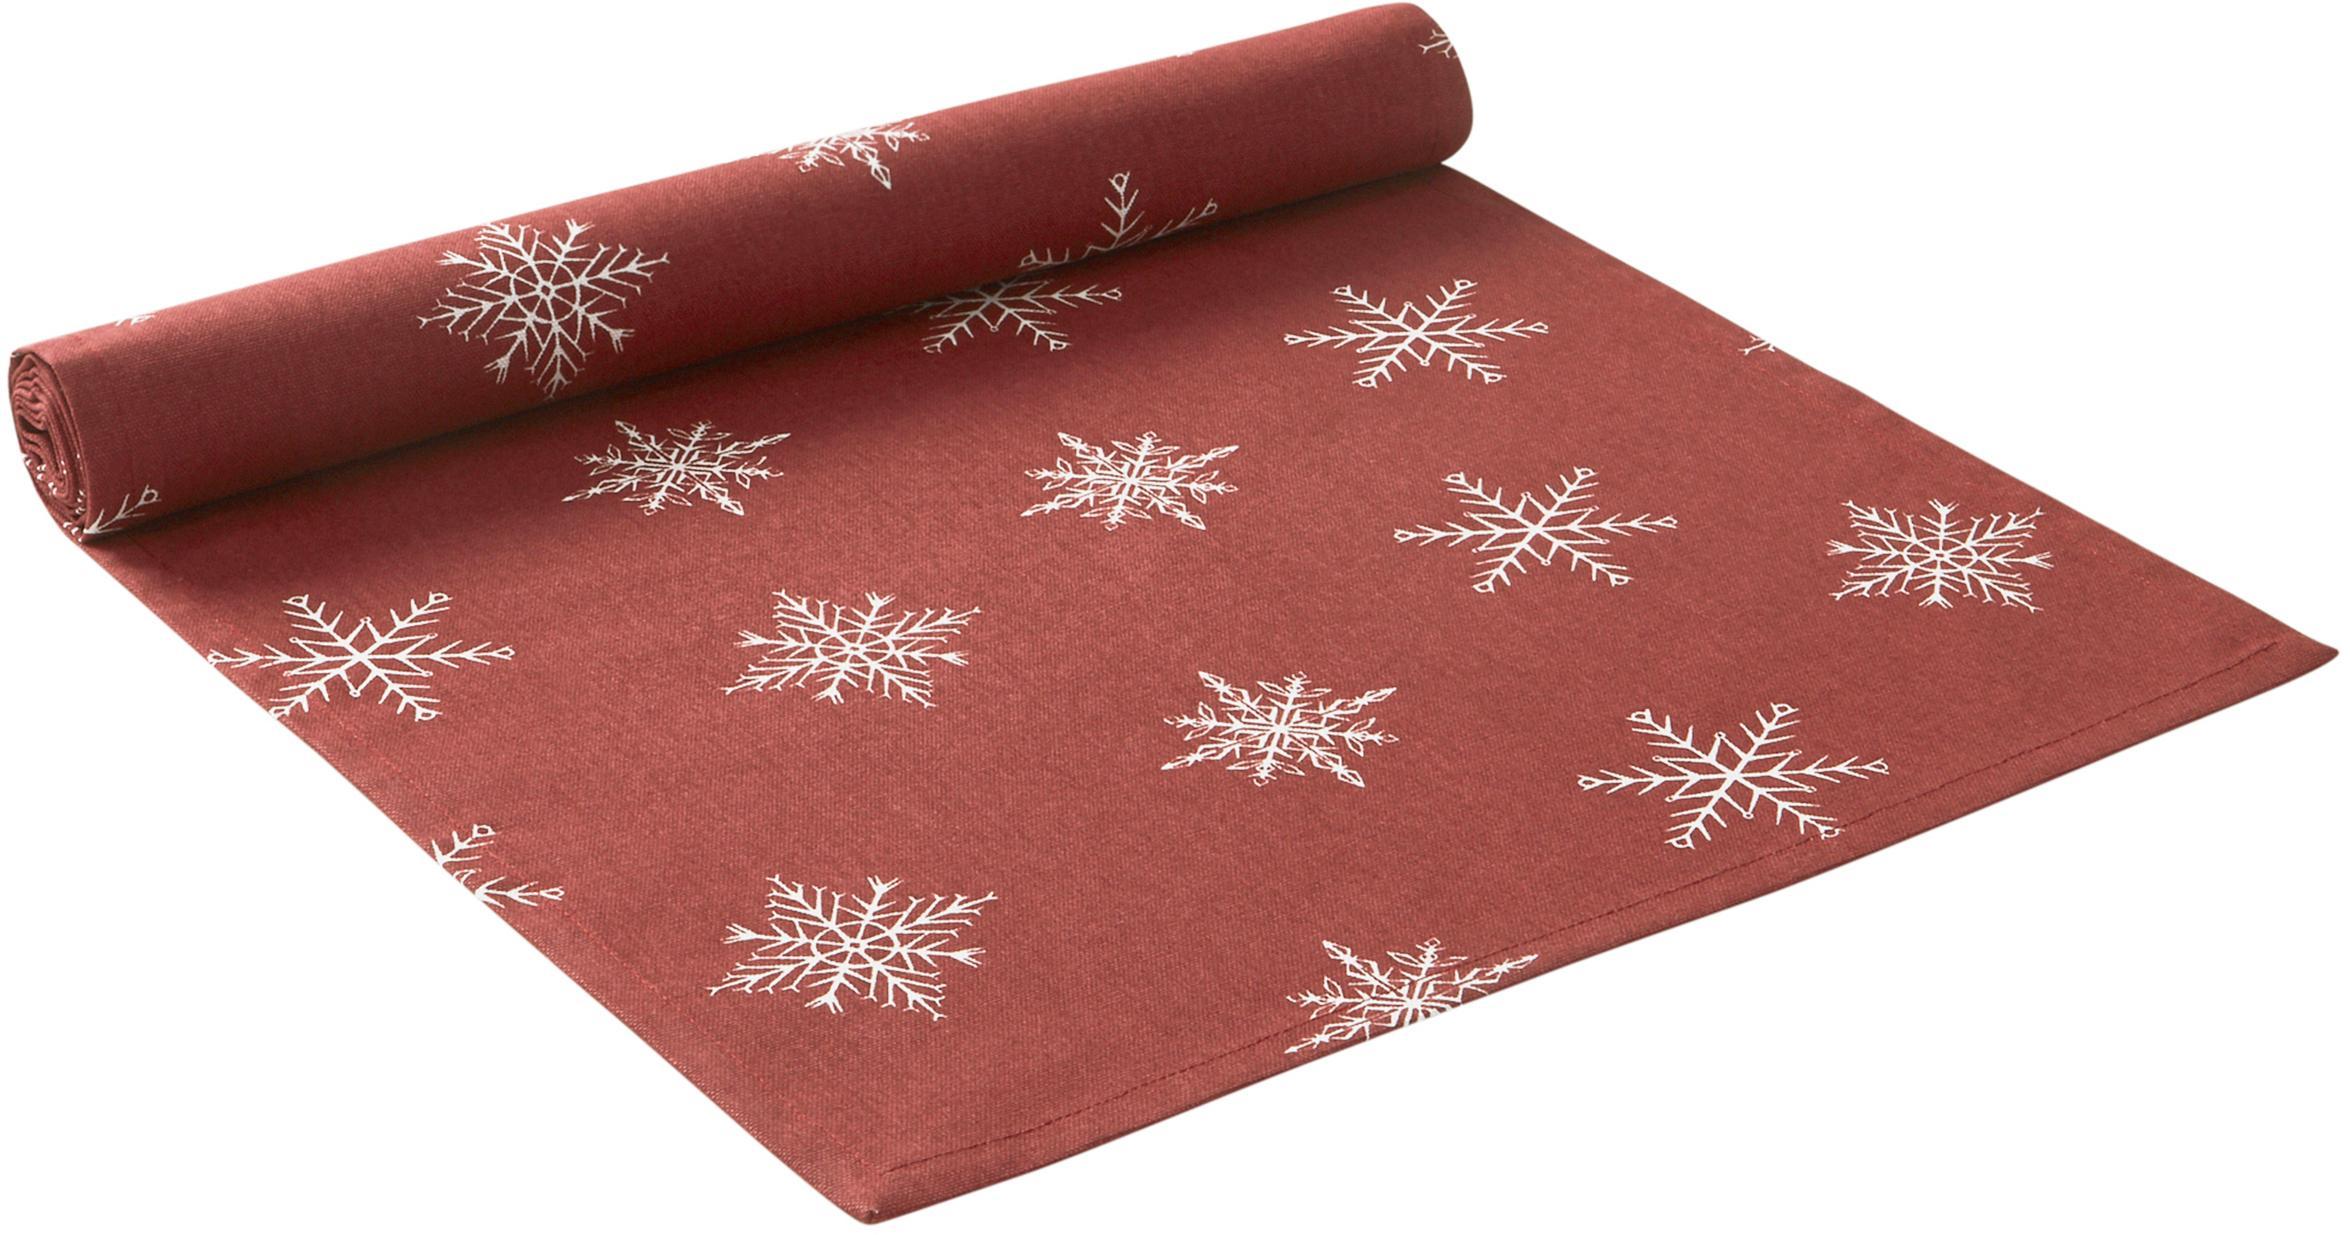 Runner da tavola con motivo a stelle Snow, 100% cotone, da coltivazione sostenibile del cotone, Rosso, bianco, Larg. 40 x Lung. 140 cm